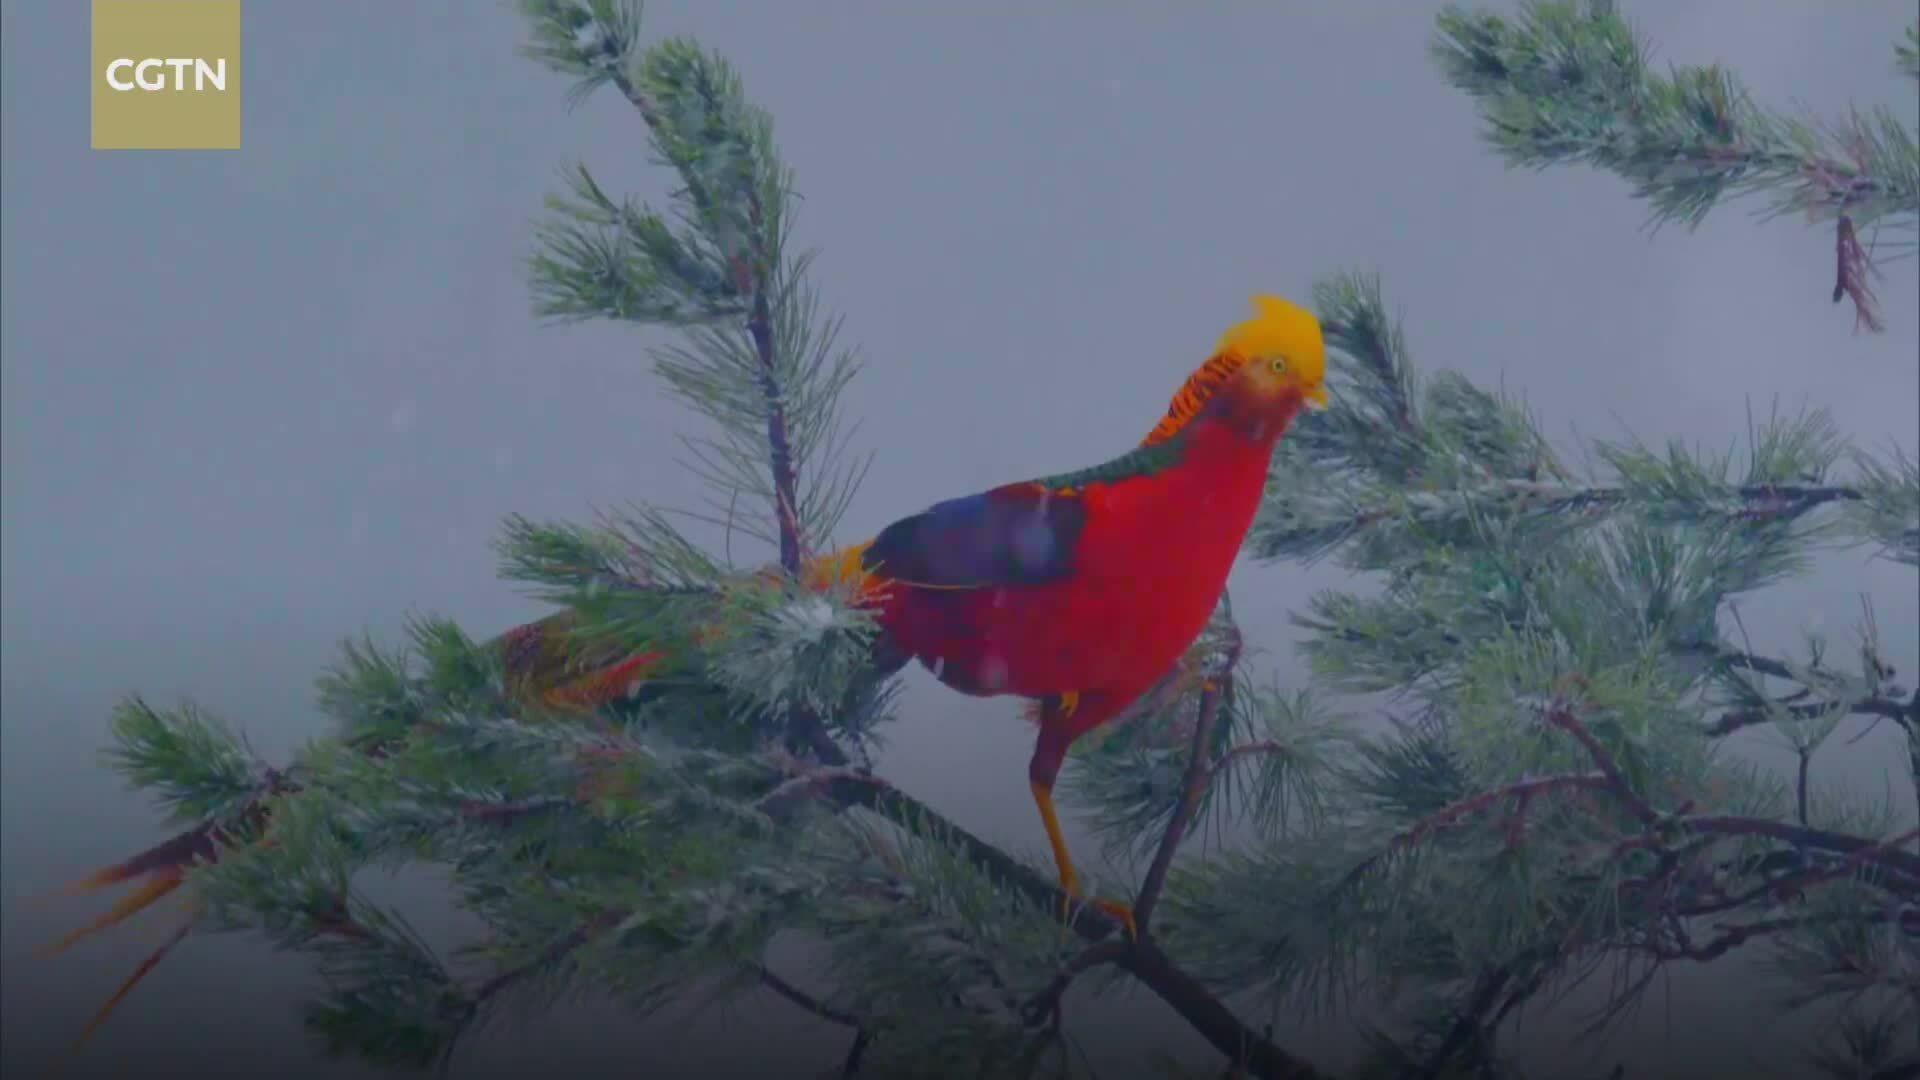 Vẻ đẹp như chim phượng hoàng của trĩ vàng